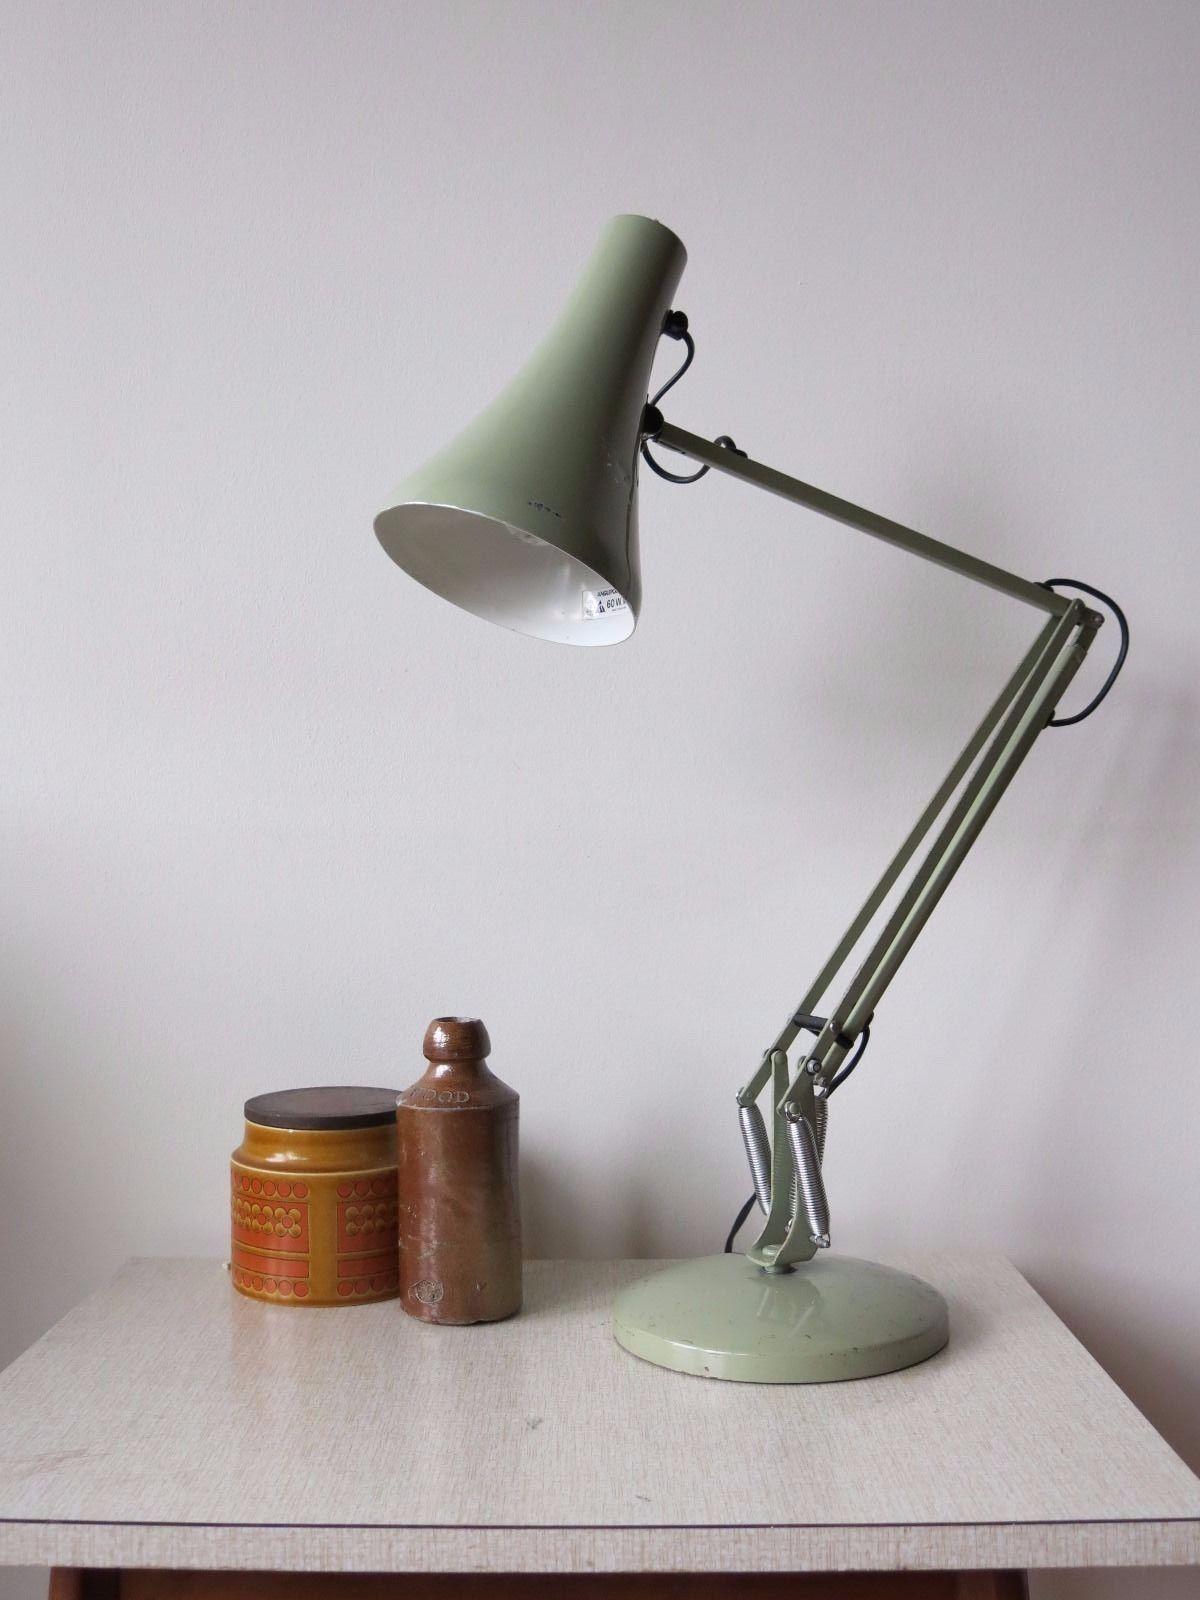 Vintage Fern Green Anglepoise Model 90 Desk Lamp